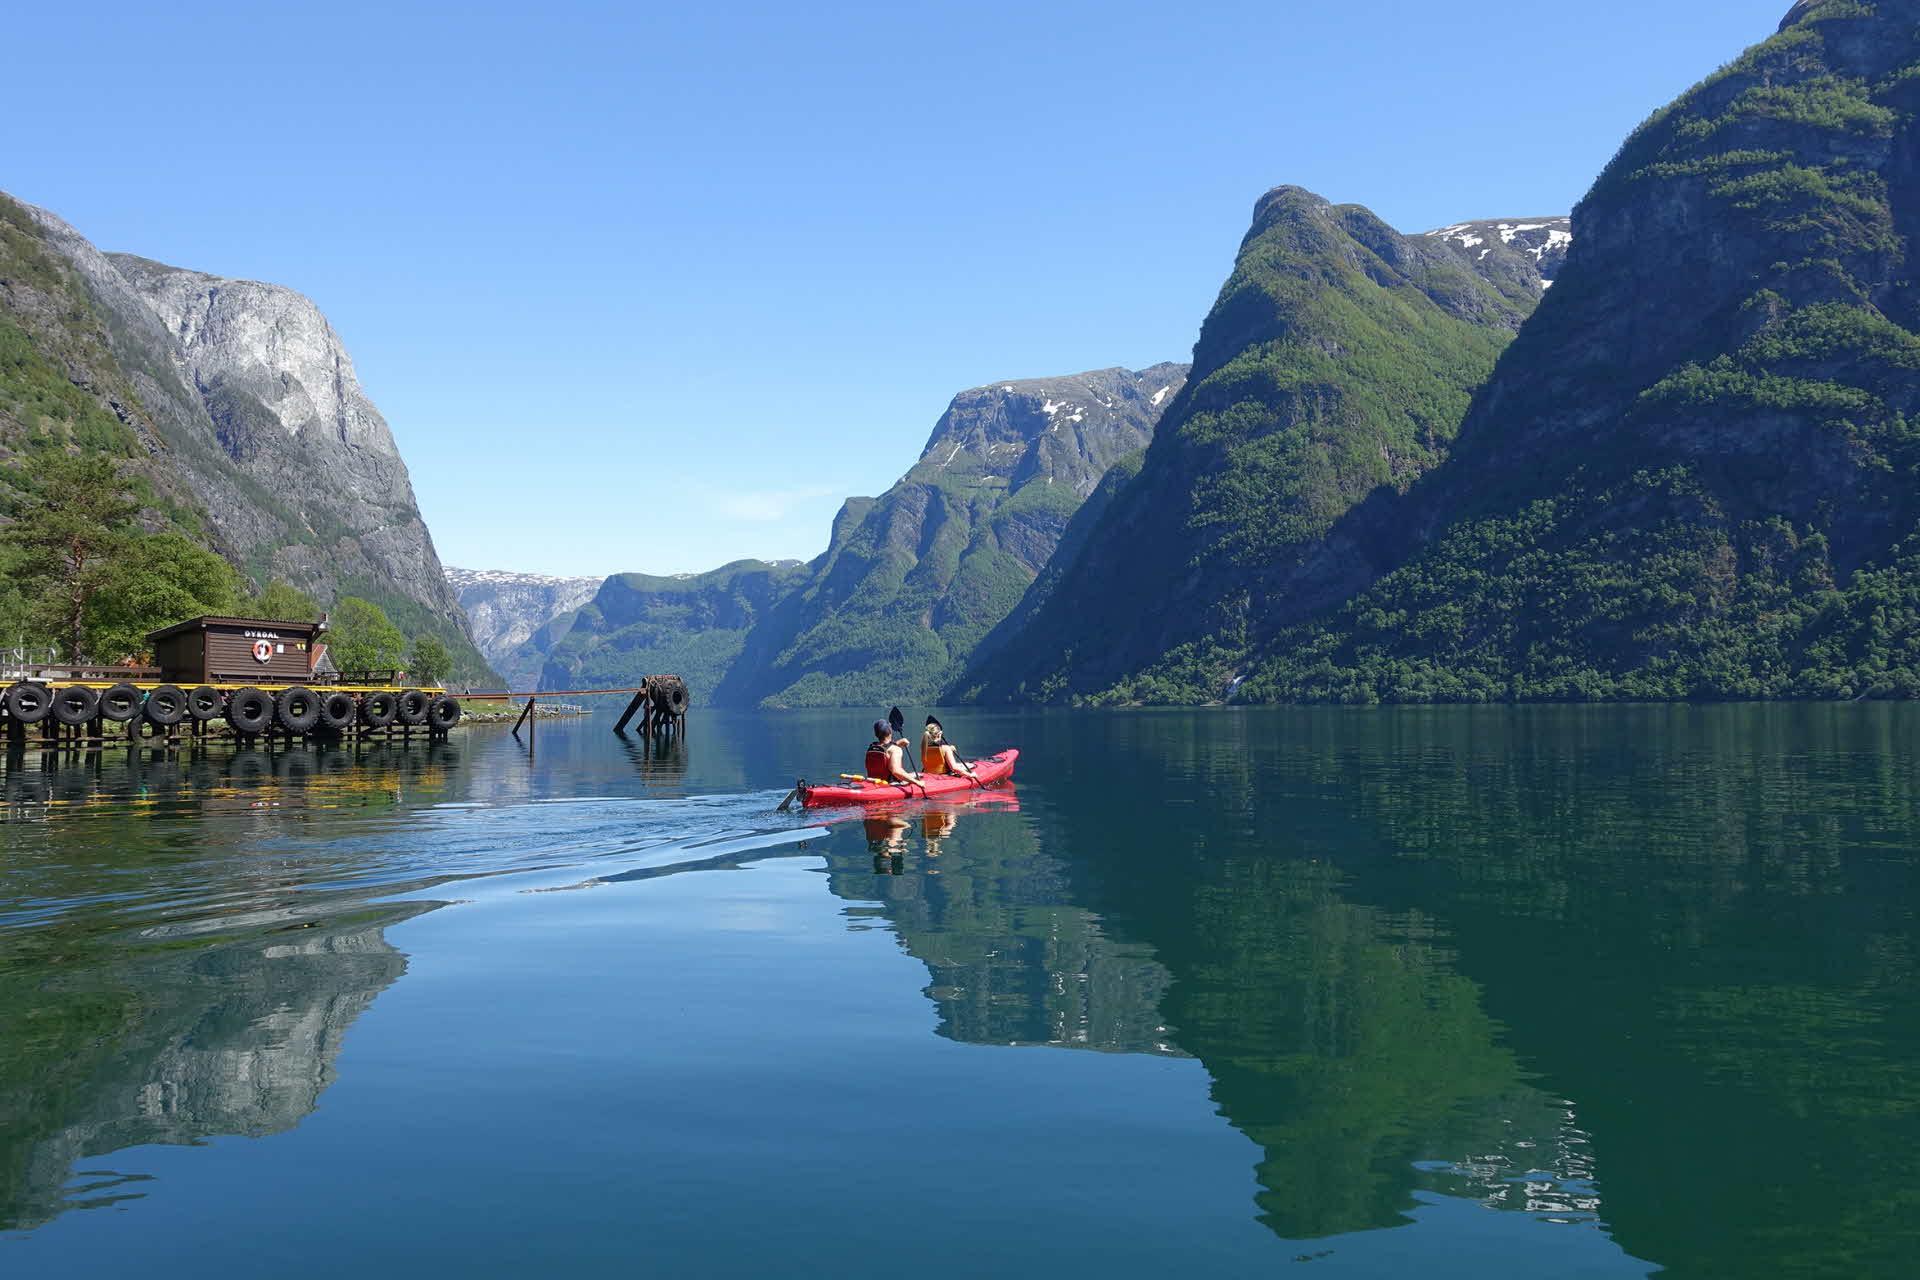 Et par paddler i rød havkajakk i UNESCO Nærøyfjorden fra Dyrdal en rolig sommerdag med stupbratte grønne fjell